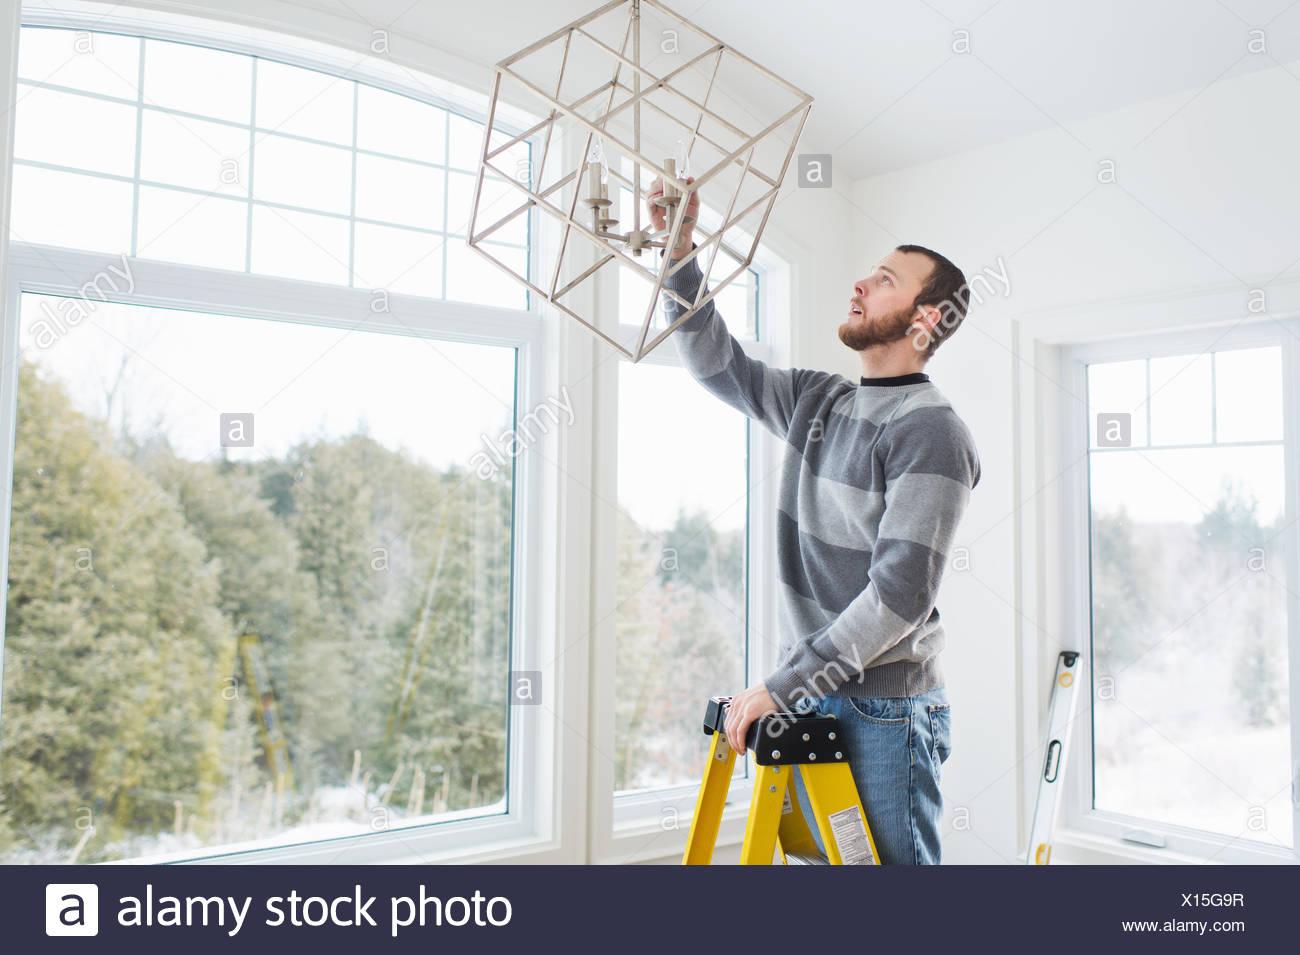 Giovane uomo installazione di luce a soffitto Immagini Stock